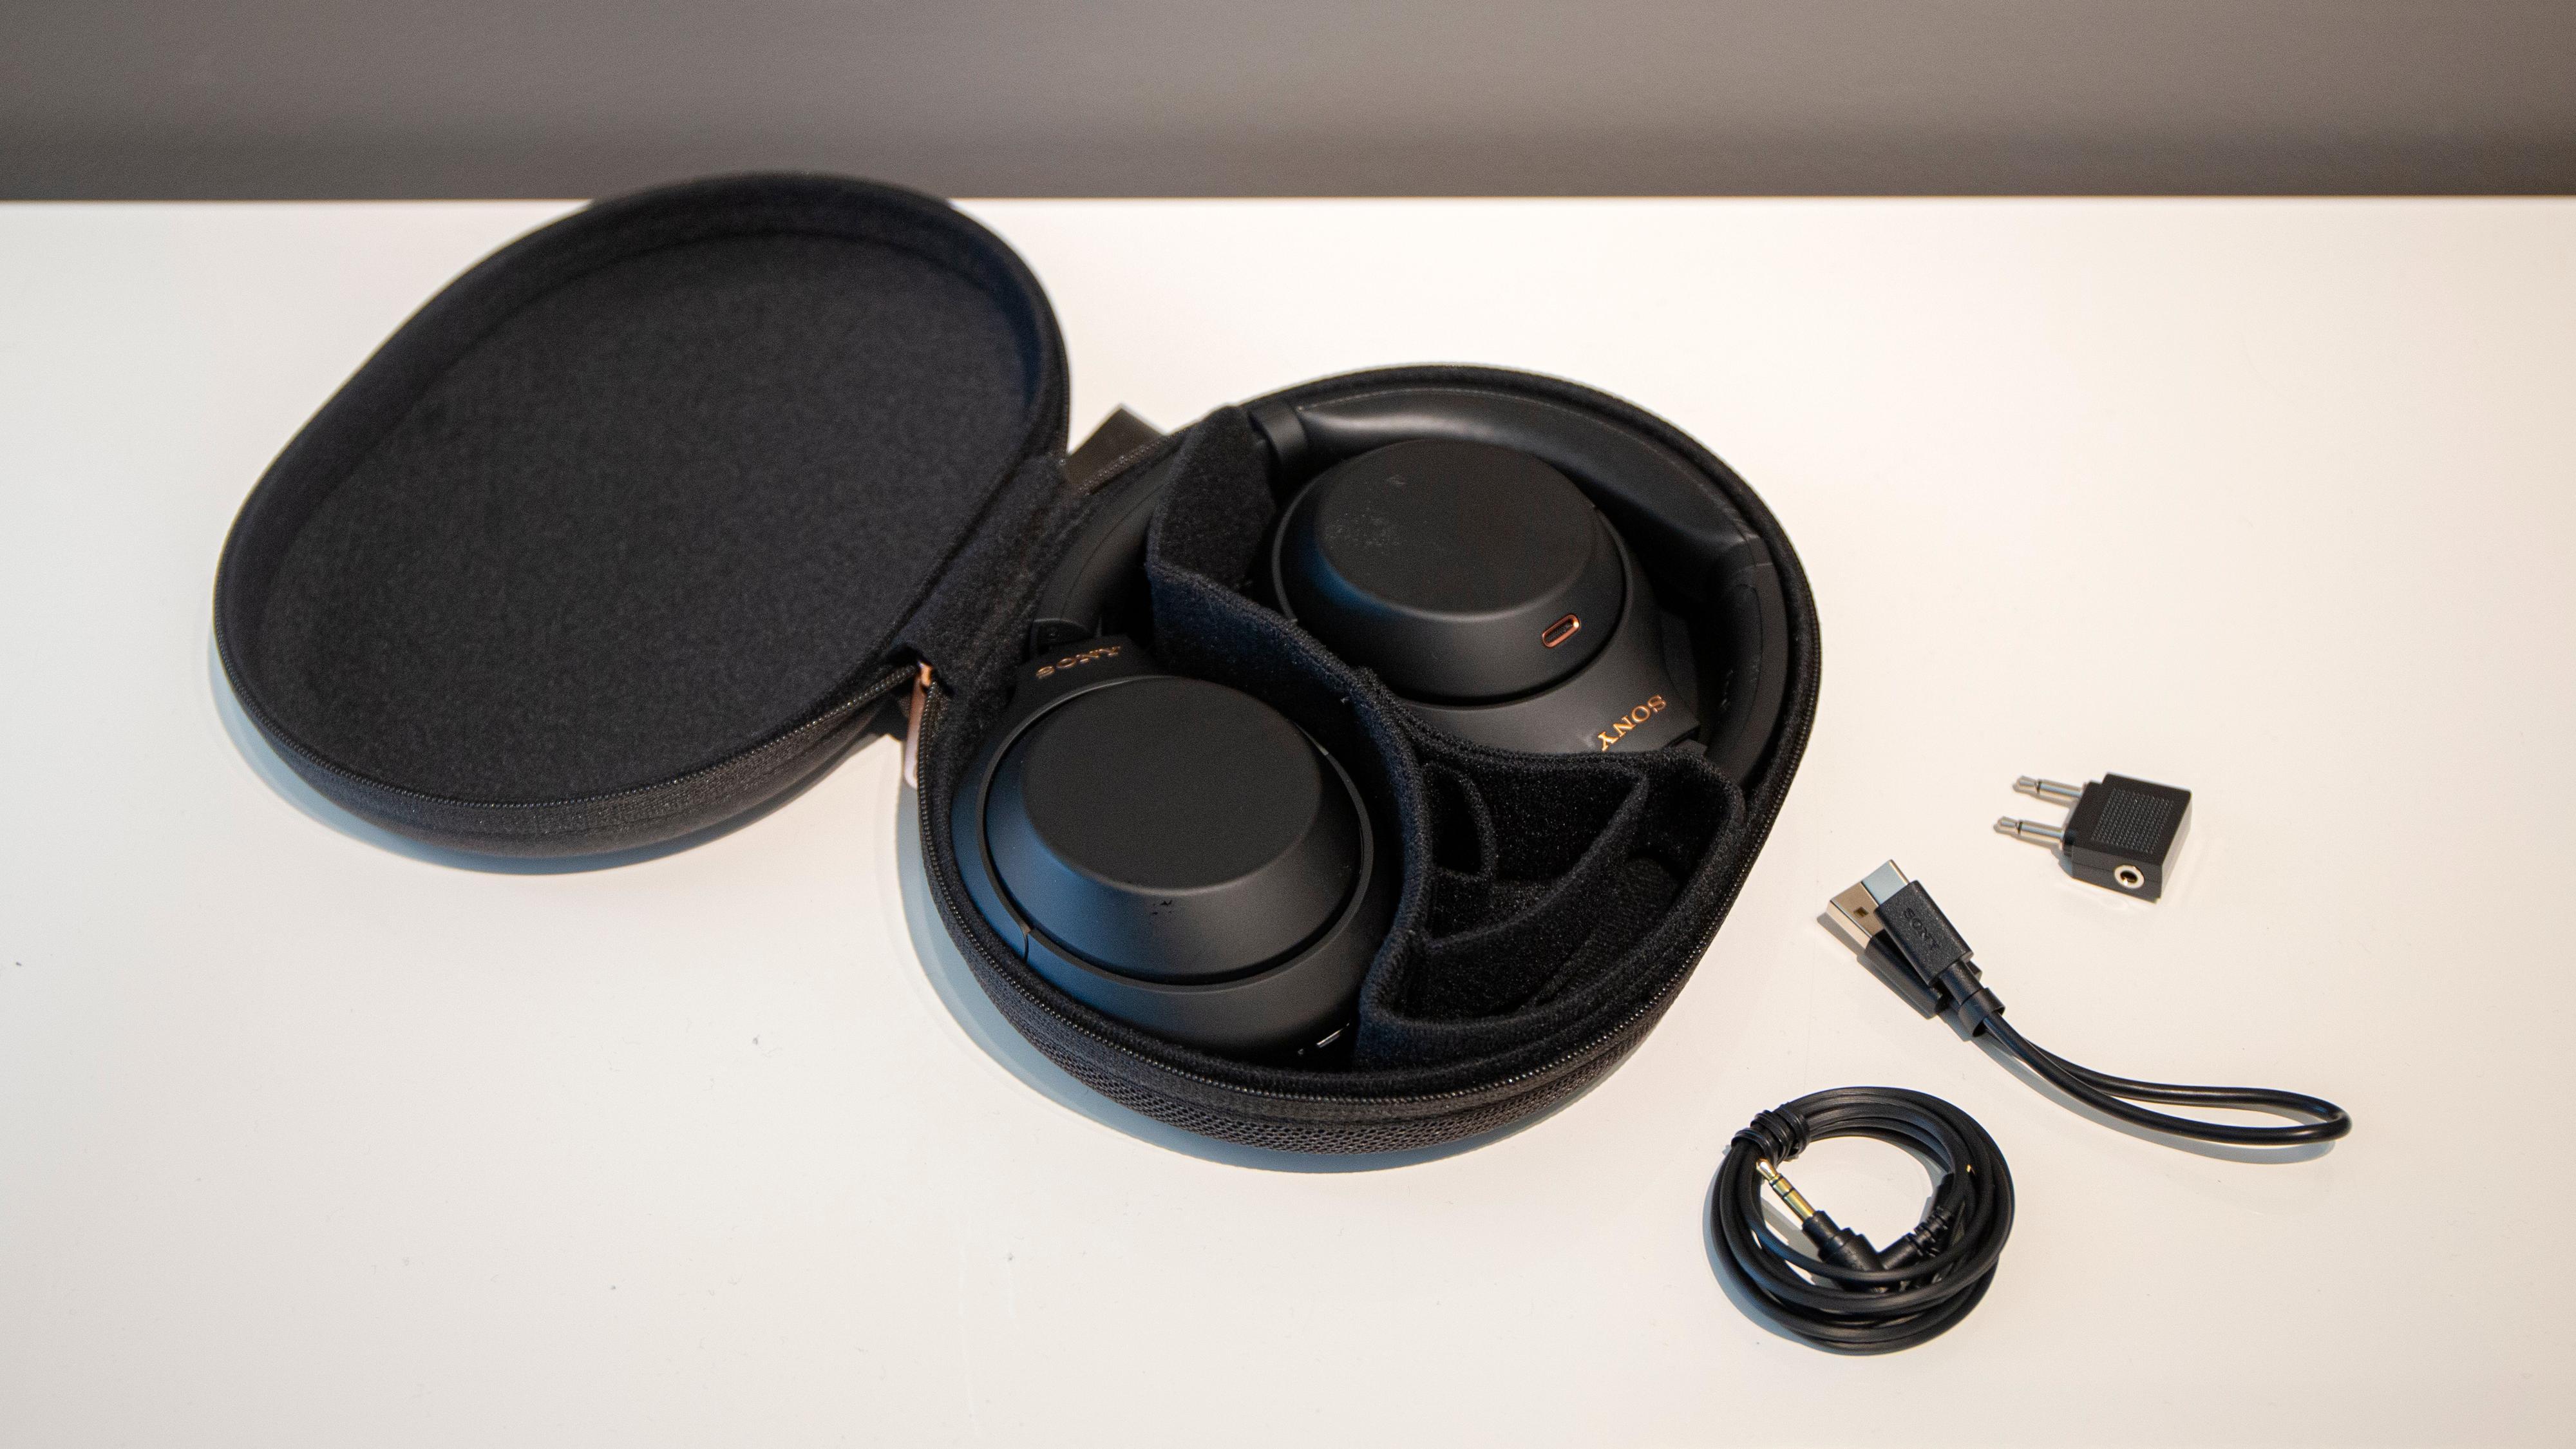 I eska finner du hodetelefonene, et bæreetui i hardplast, en flyadapter, ladekabel og minijackkabel.